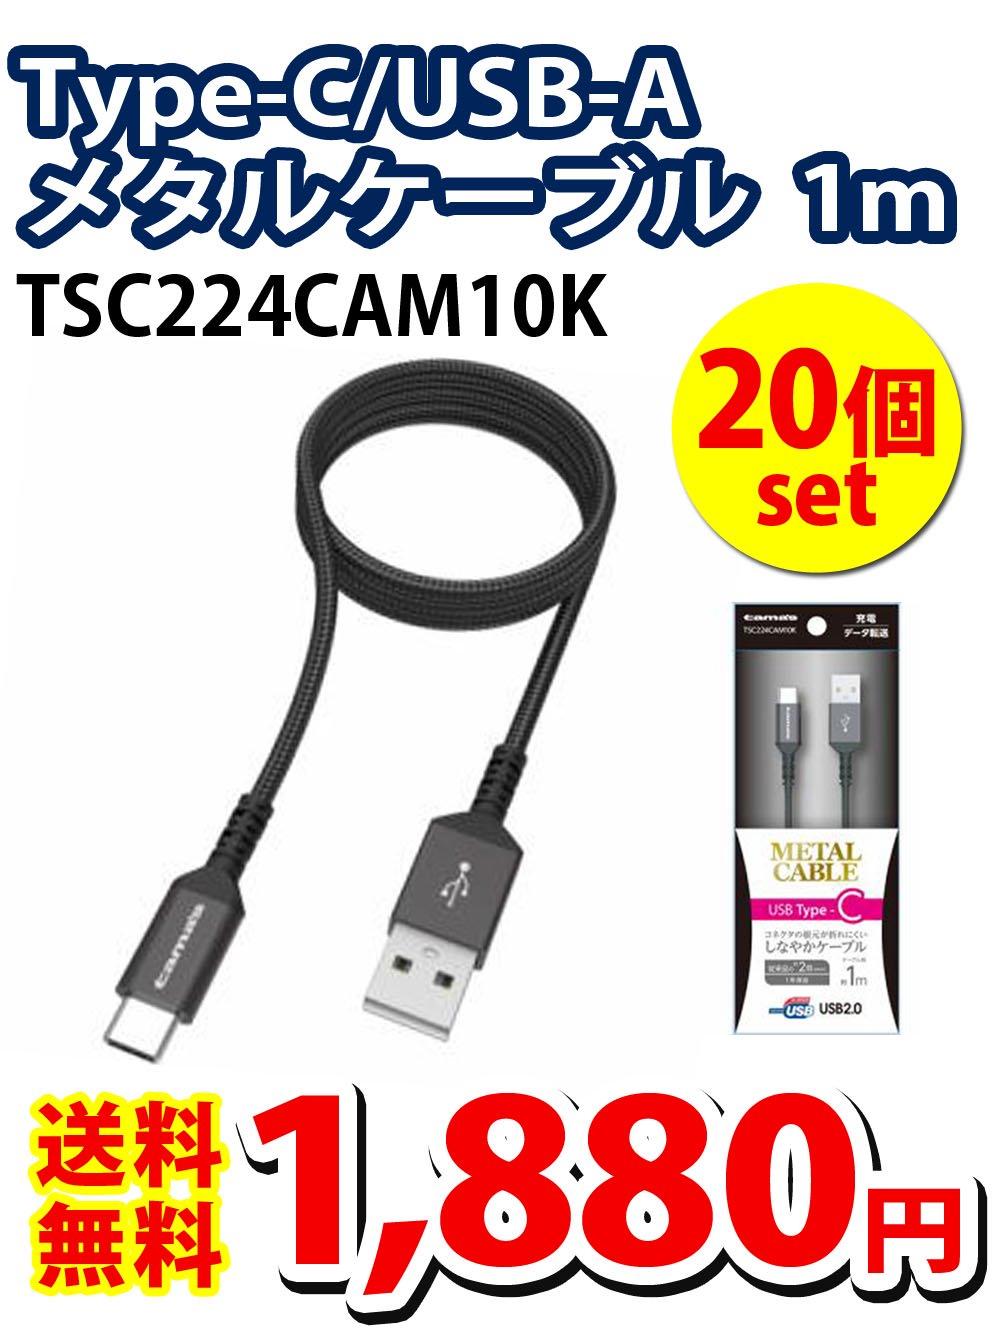 【送料無料】Type-C/USB-A メタルケーブル ロングブッシュ 1m TSC224CAM10K【20個セット】1880円